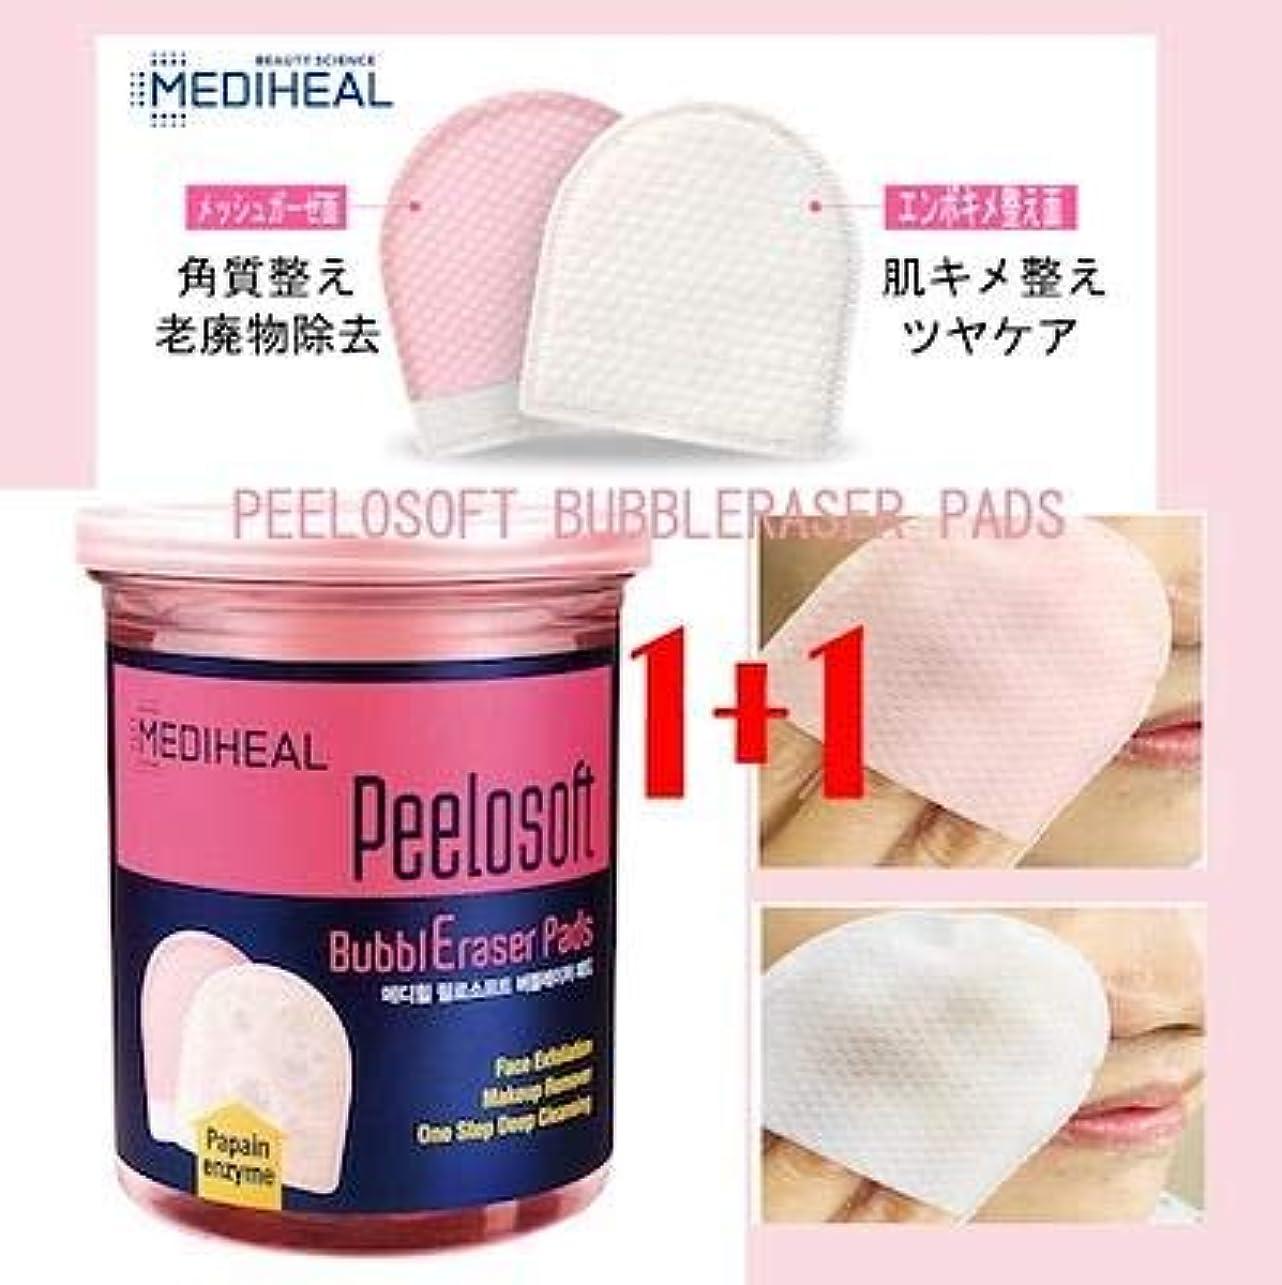 間違いなくプレフィックス光電[MEDIHEAL] 1+1 メディヒール Peelosoft BubblEraser Pads ピローソフト バブルレーザー パッド [20枚+ 20枚]